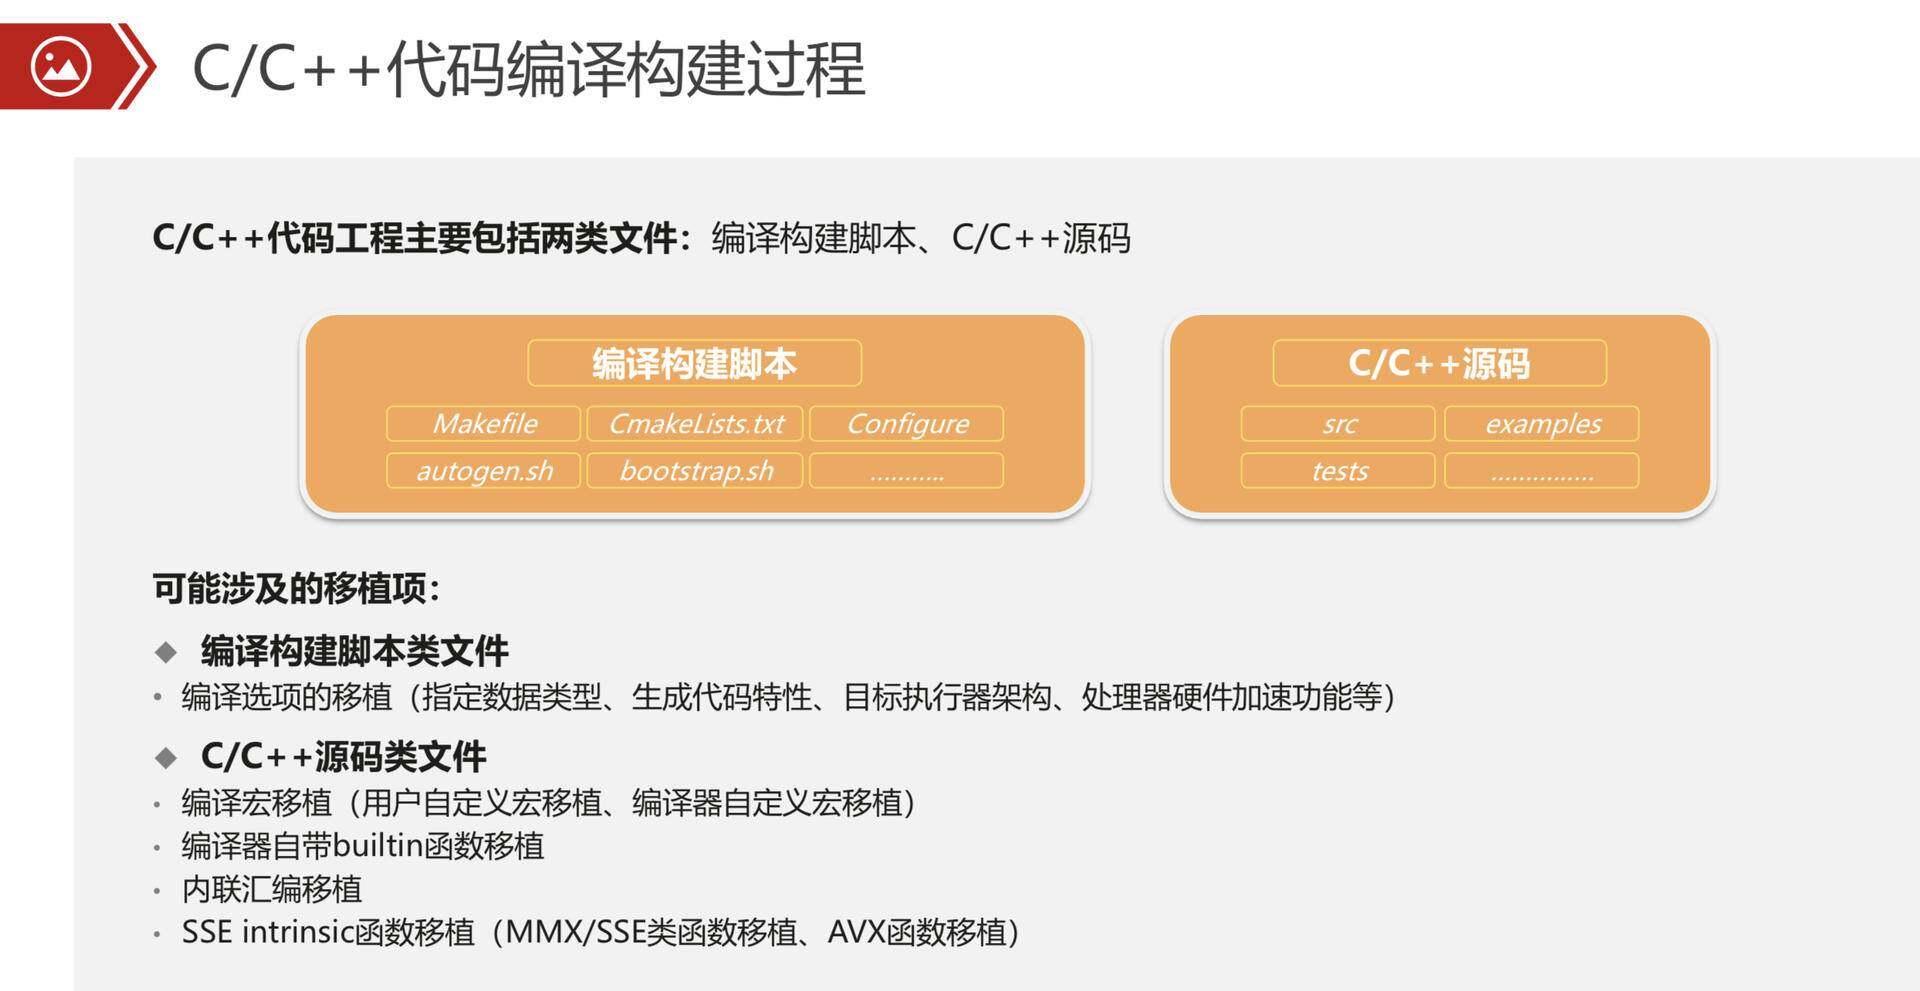 鲲鹏应用创新大赛(2020)广西赛区来了!这些知识点助力你快速提升技能